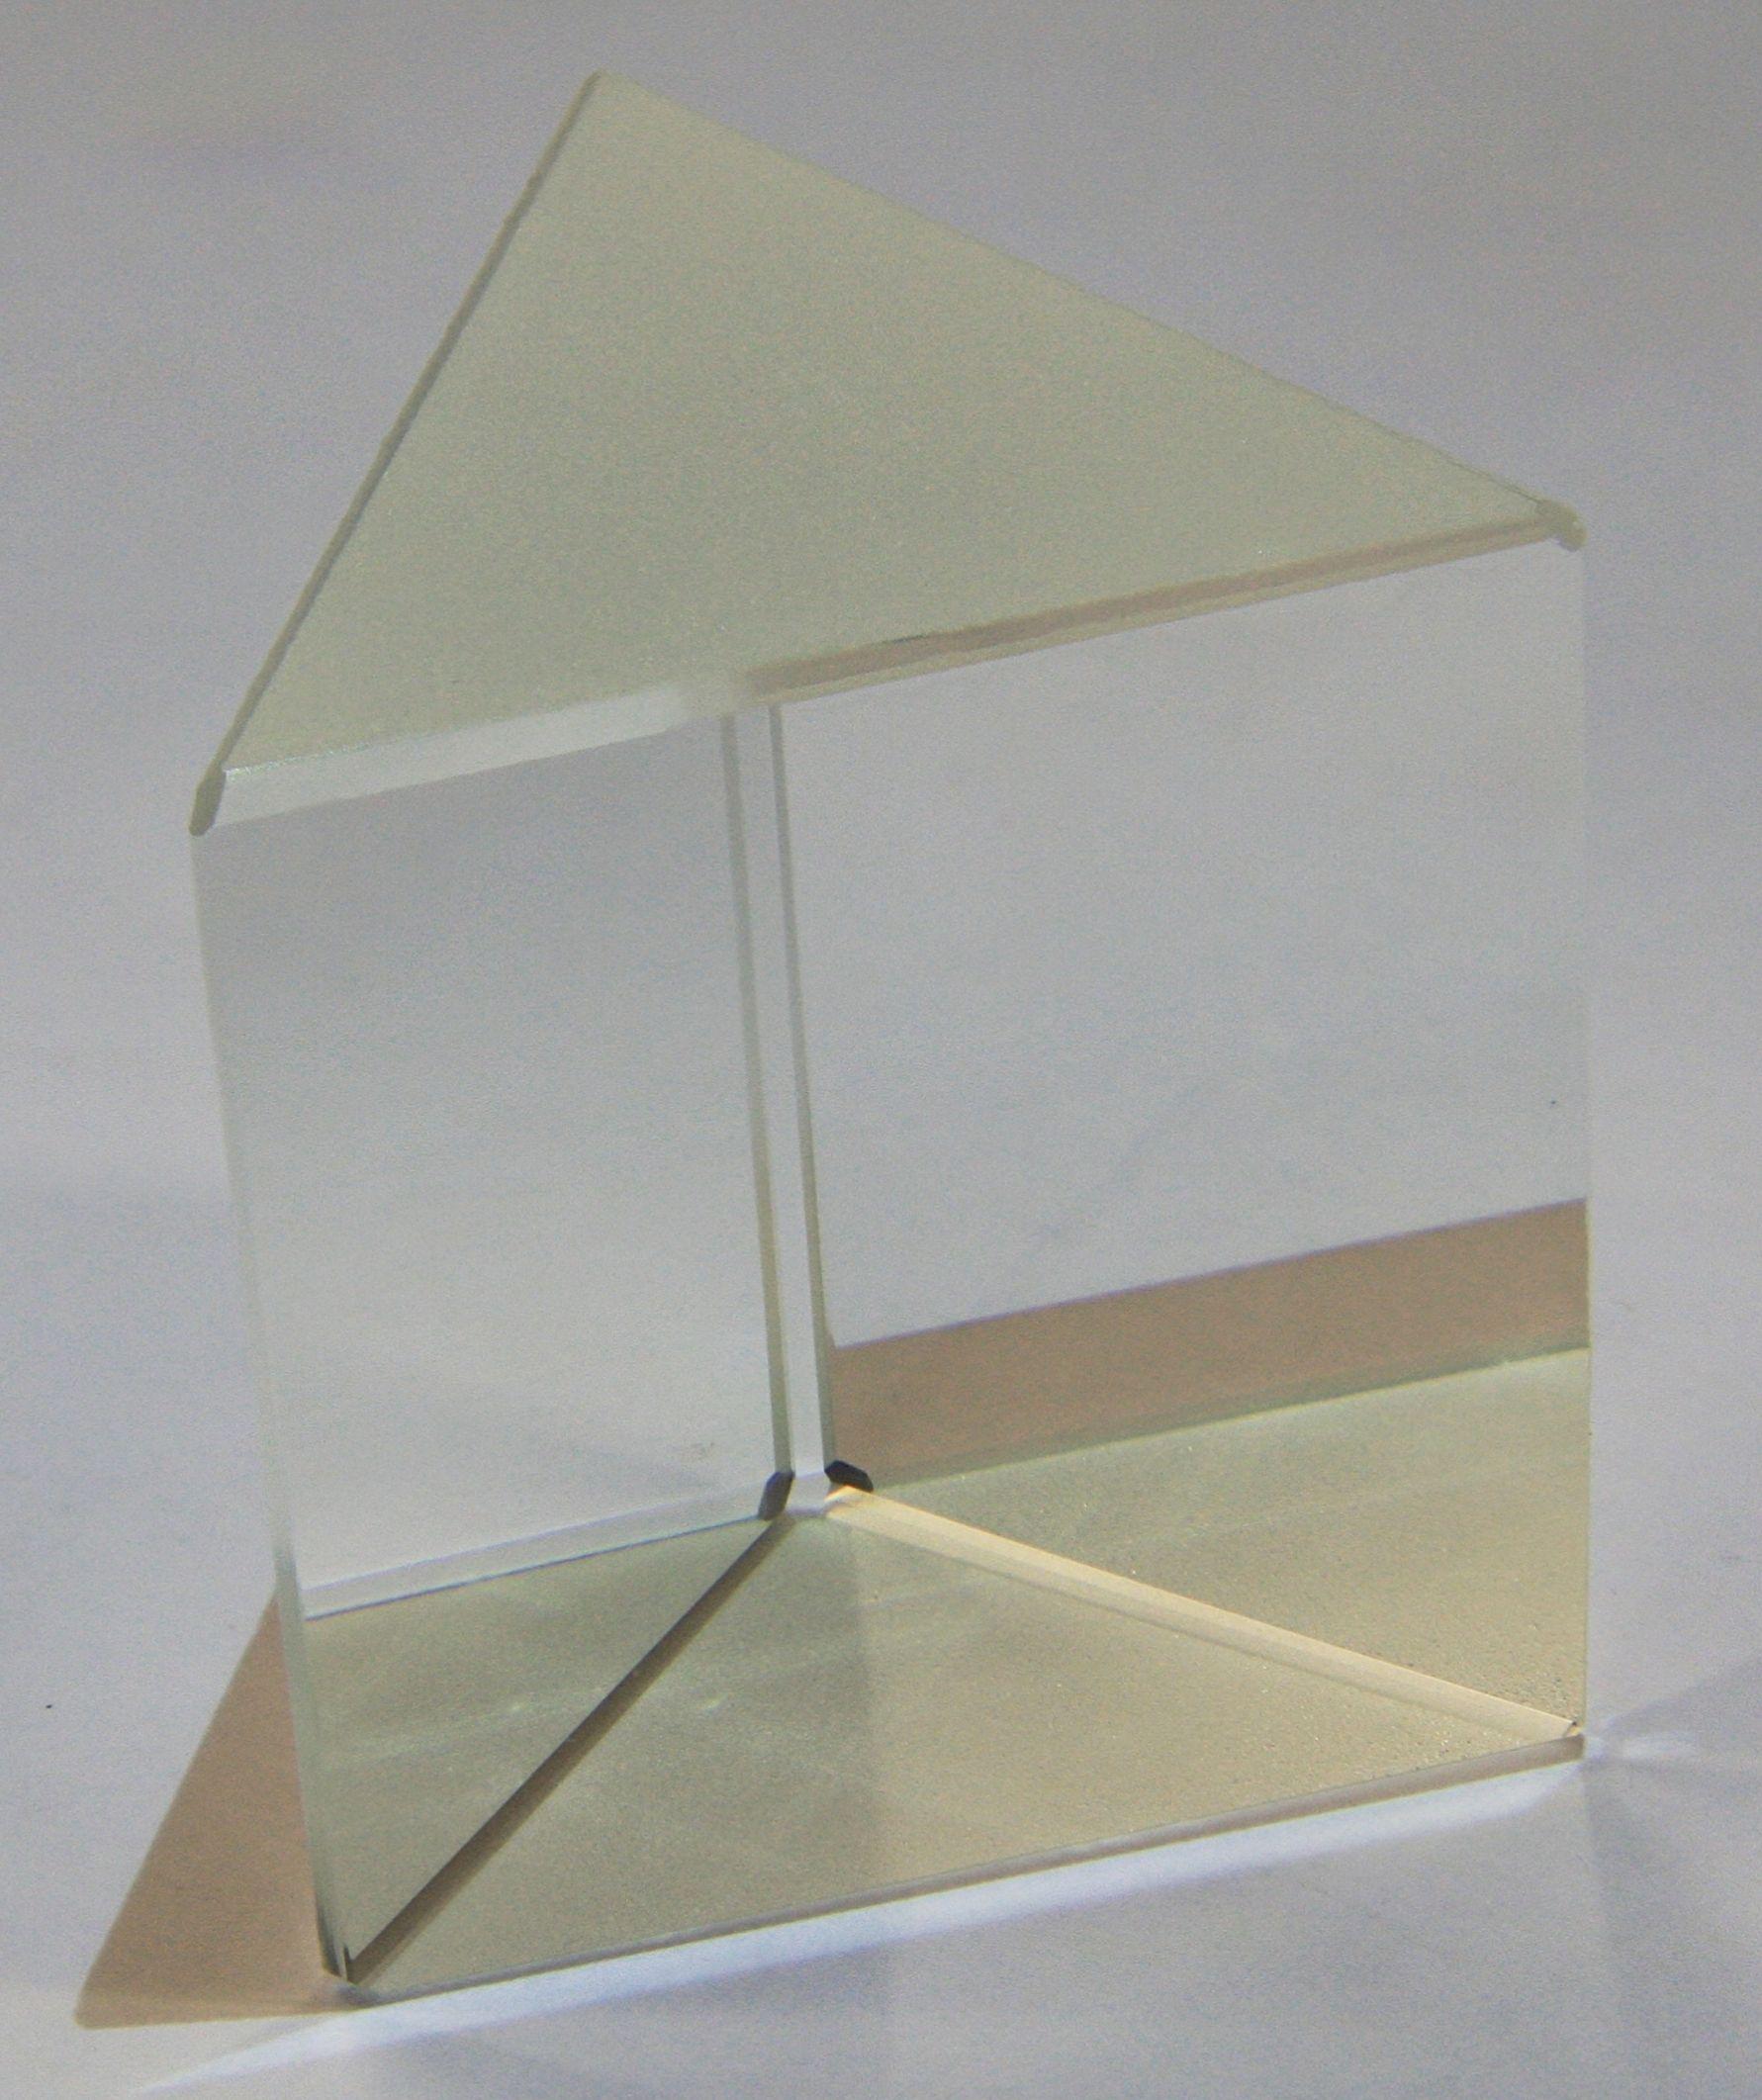 Призма (оптика) – Уикипедия b369cb973d388